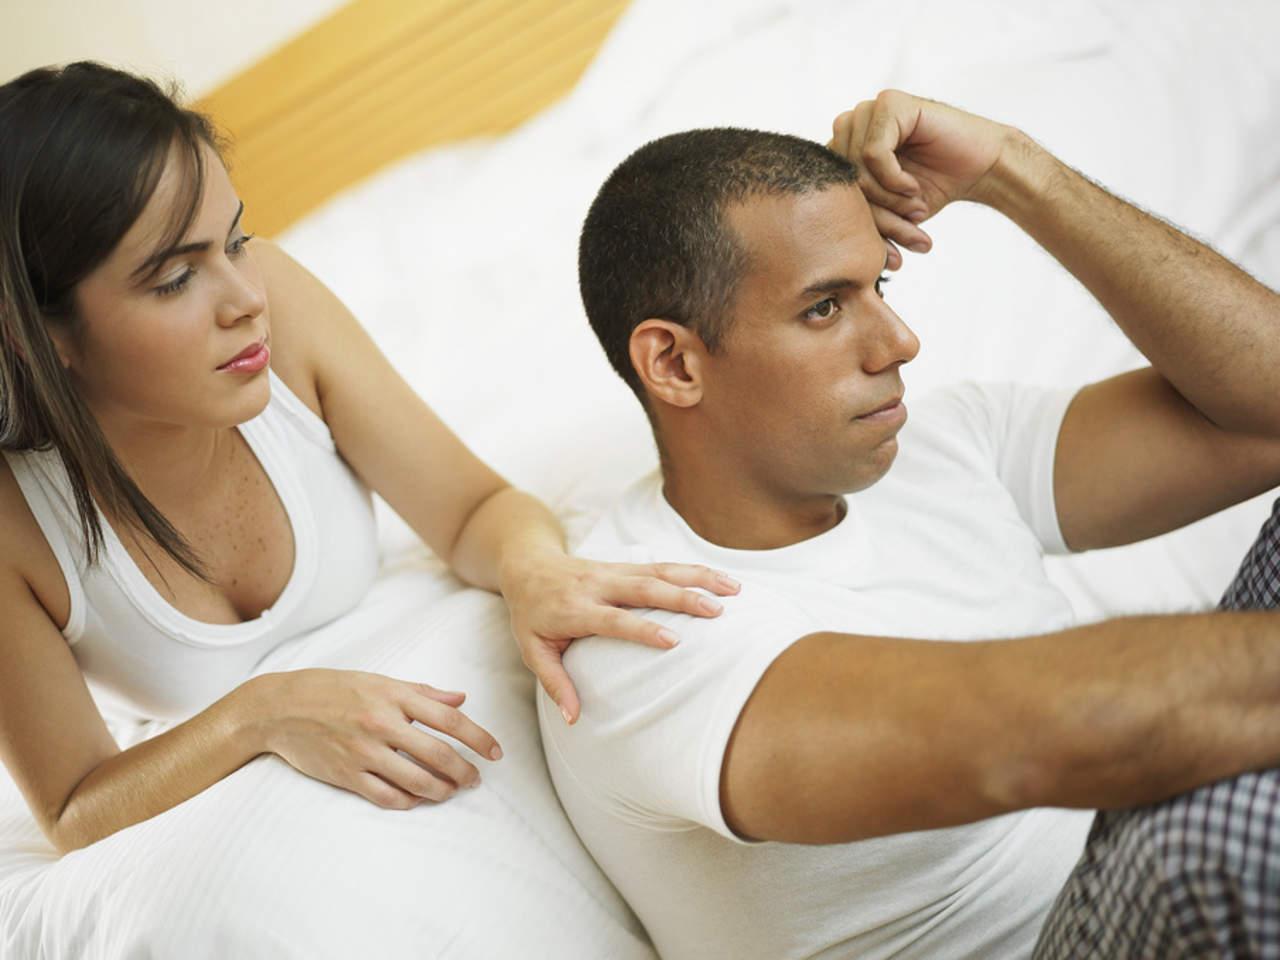 Tratamientos innovadores como solución a problemas sexuales comunes